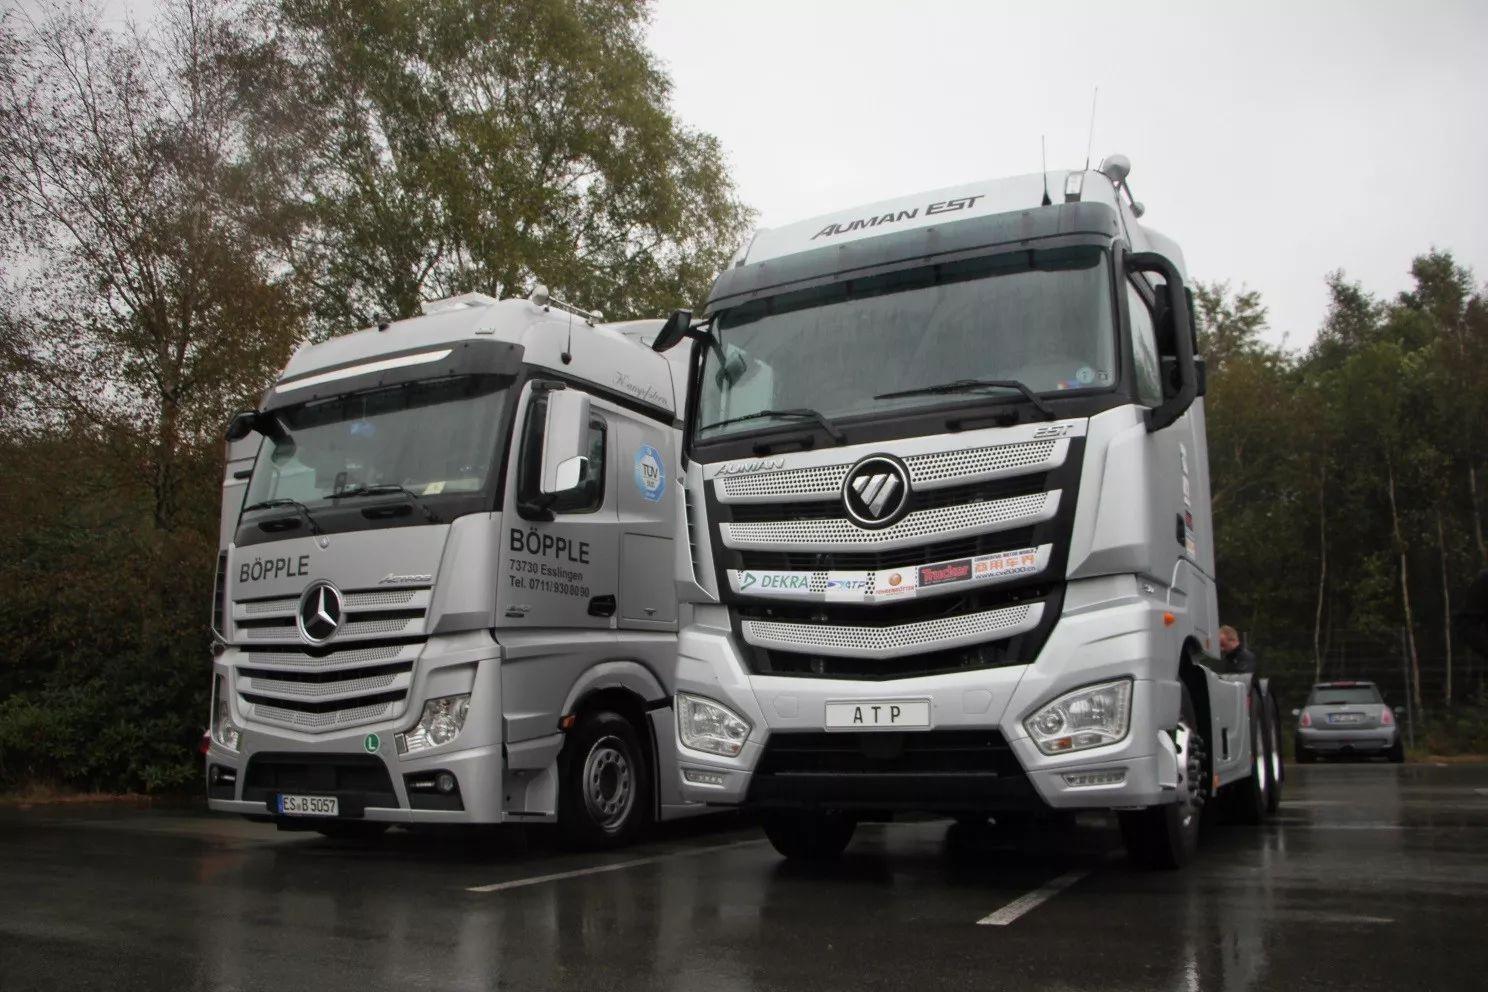 同步欧美超级卡车步伐 欧曼est升级用户价值图片